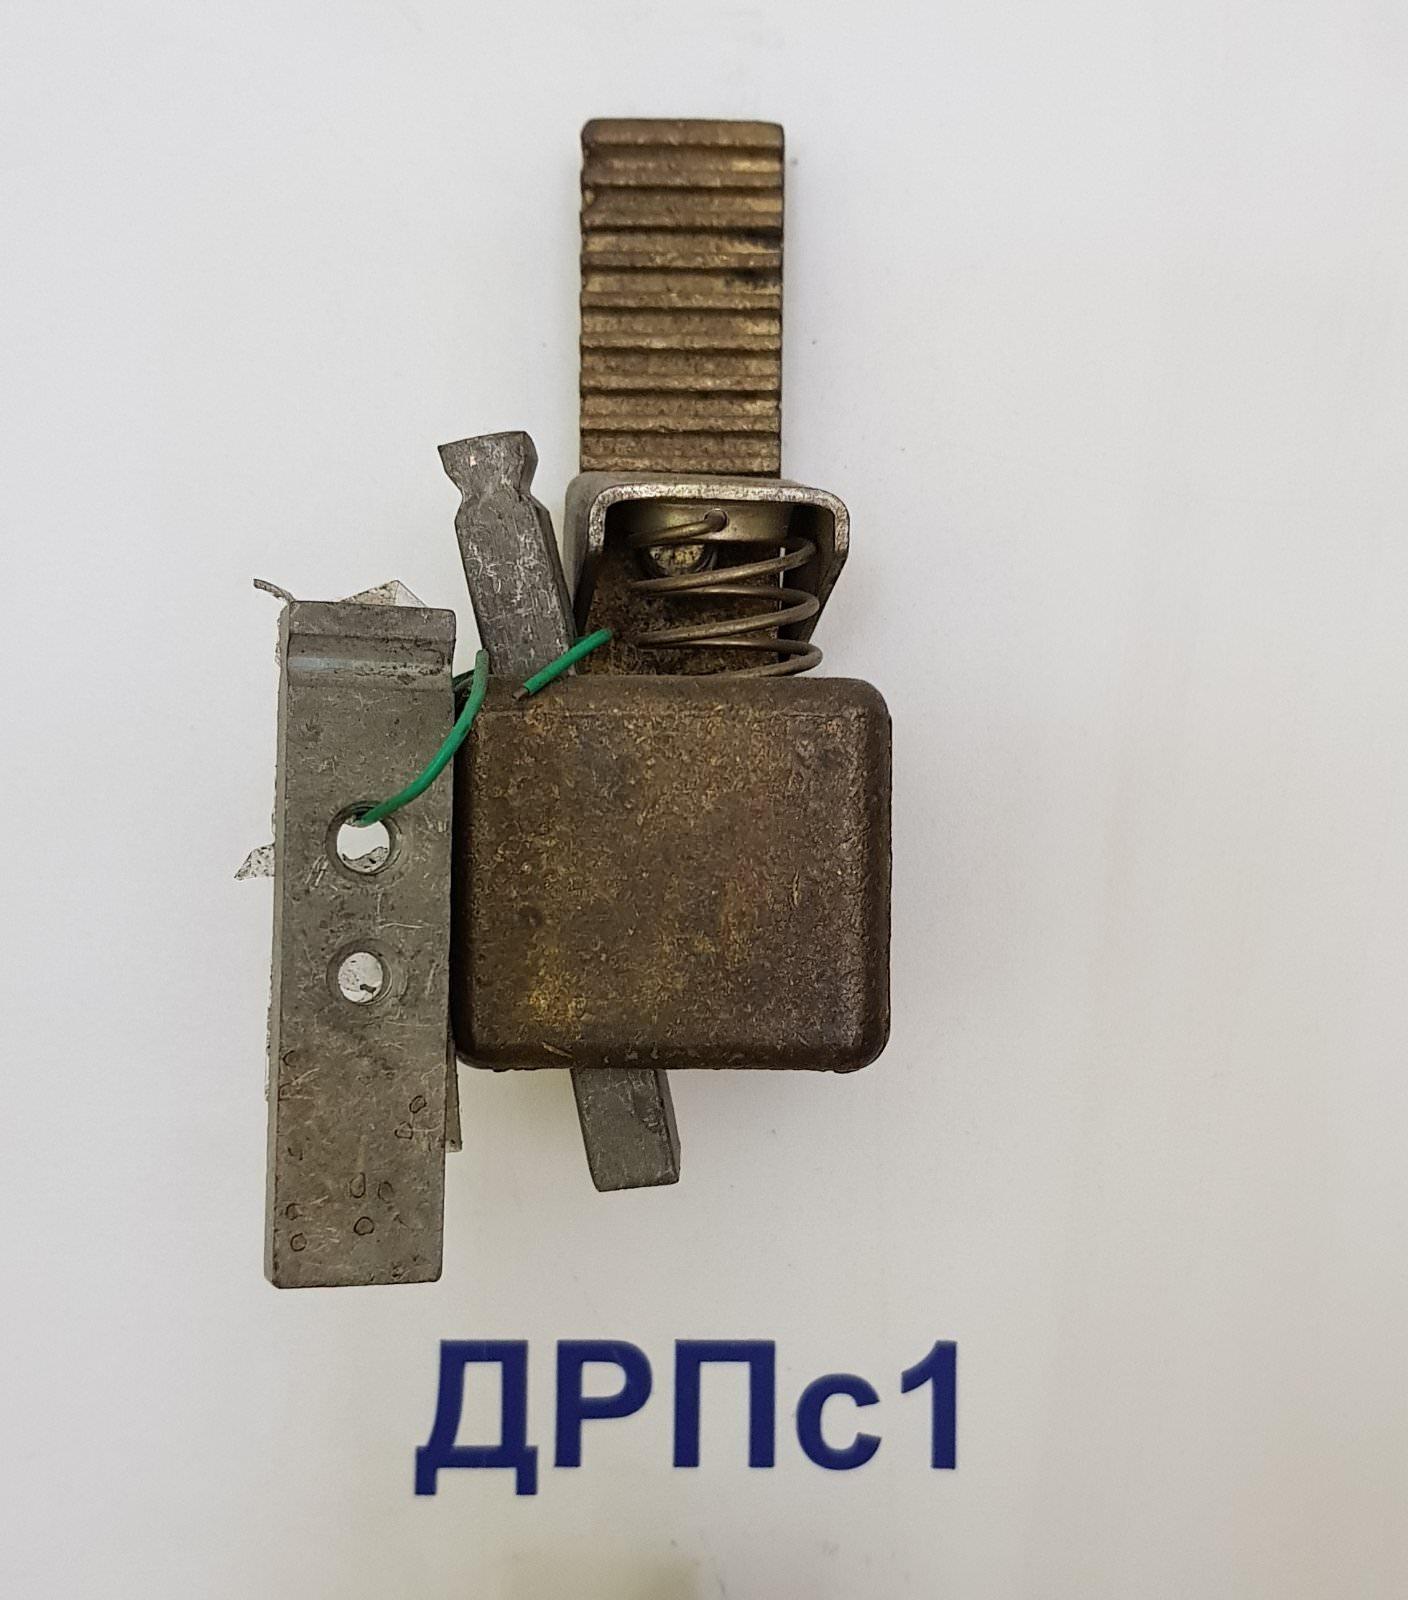 Щеткодержатель ДРПс1